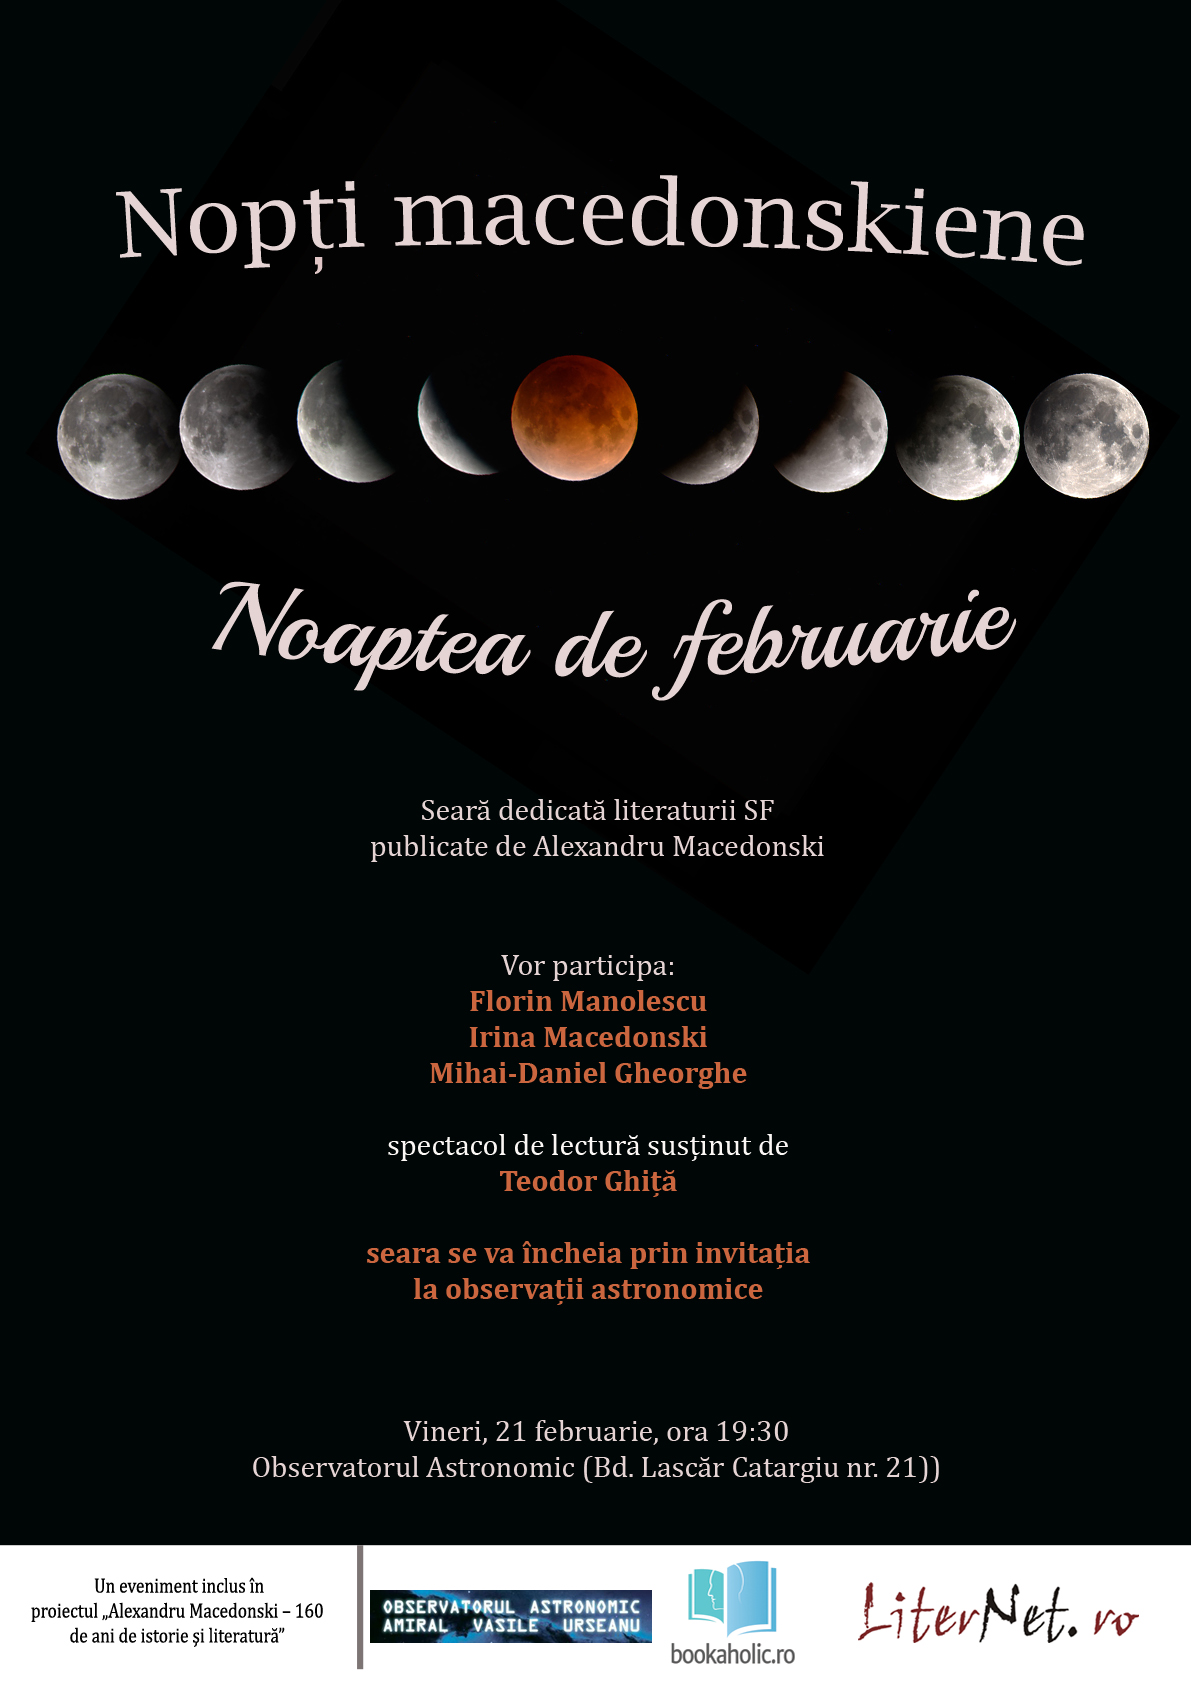 A doua ediţie a Nopţilor macedonskiene, dedicată literaturii SF – Noaptea de februarie la Observatorul Astronomic